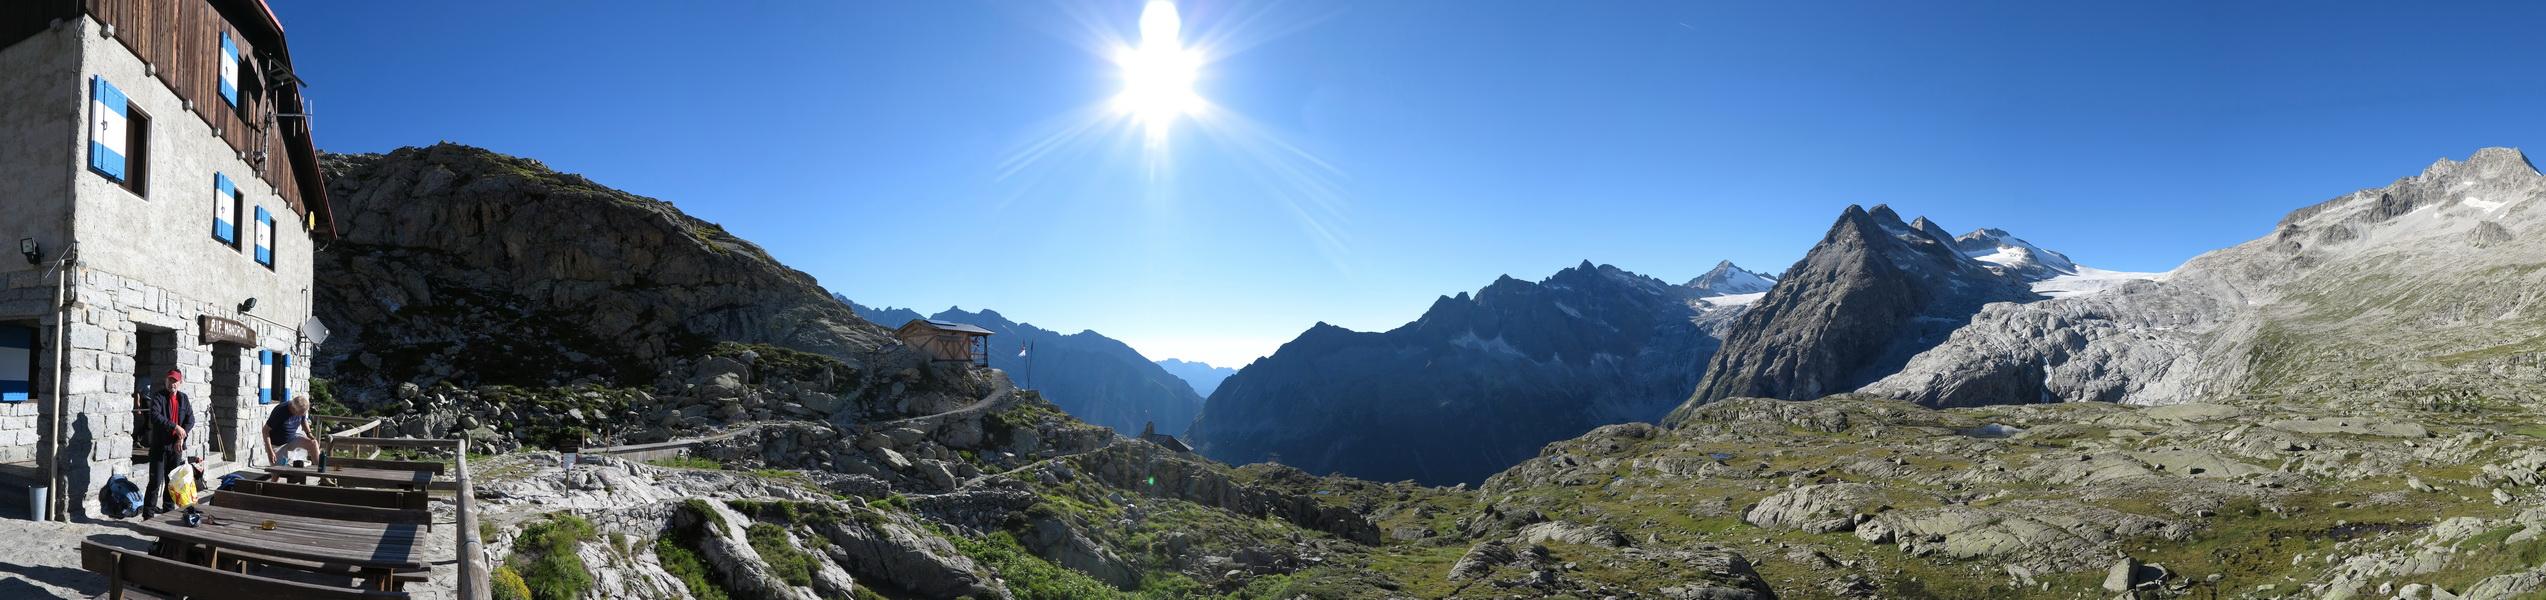 Mandrone Hütte 2450m